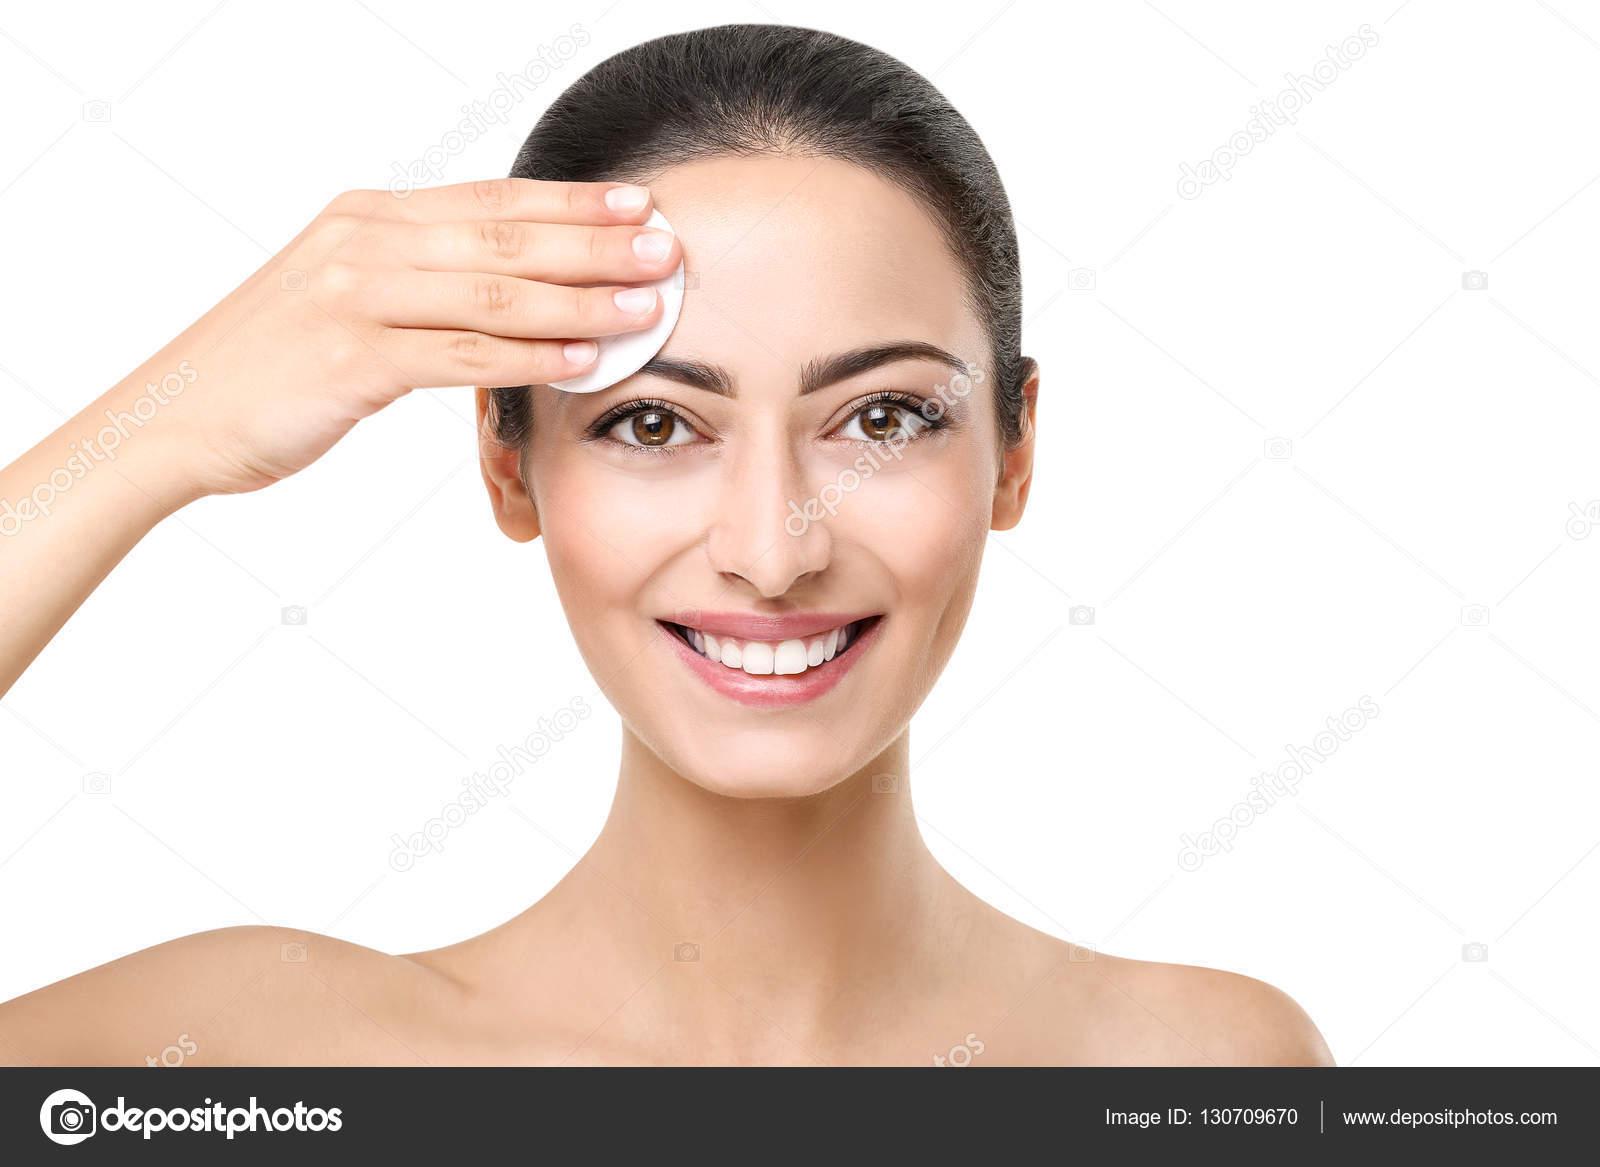 Программа для чистки лица на фотографиях скачать